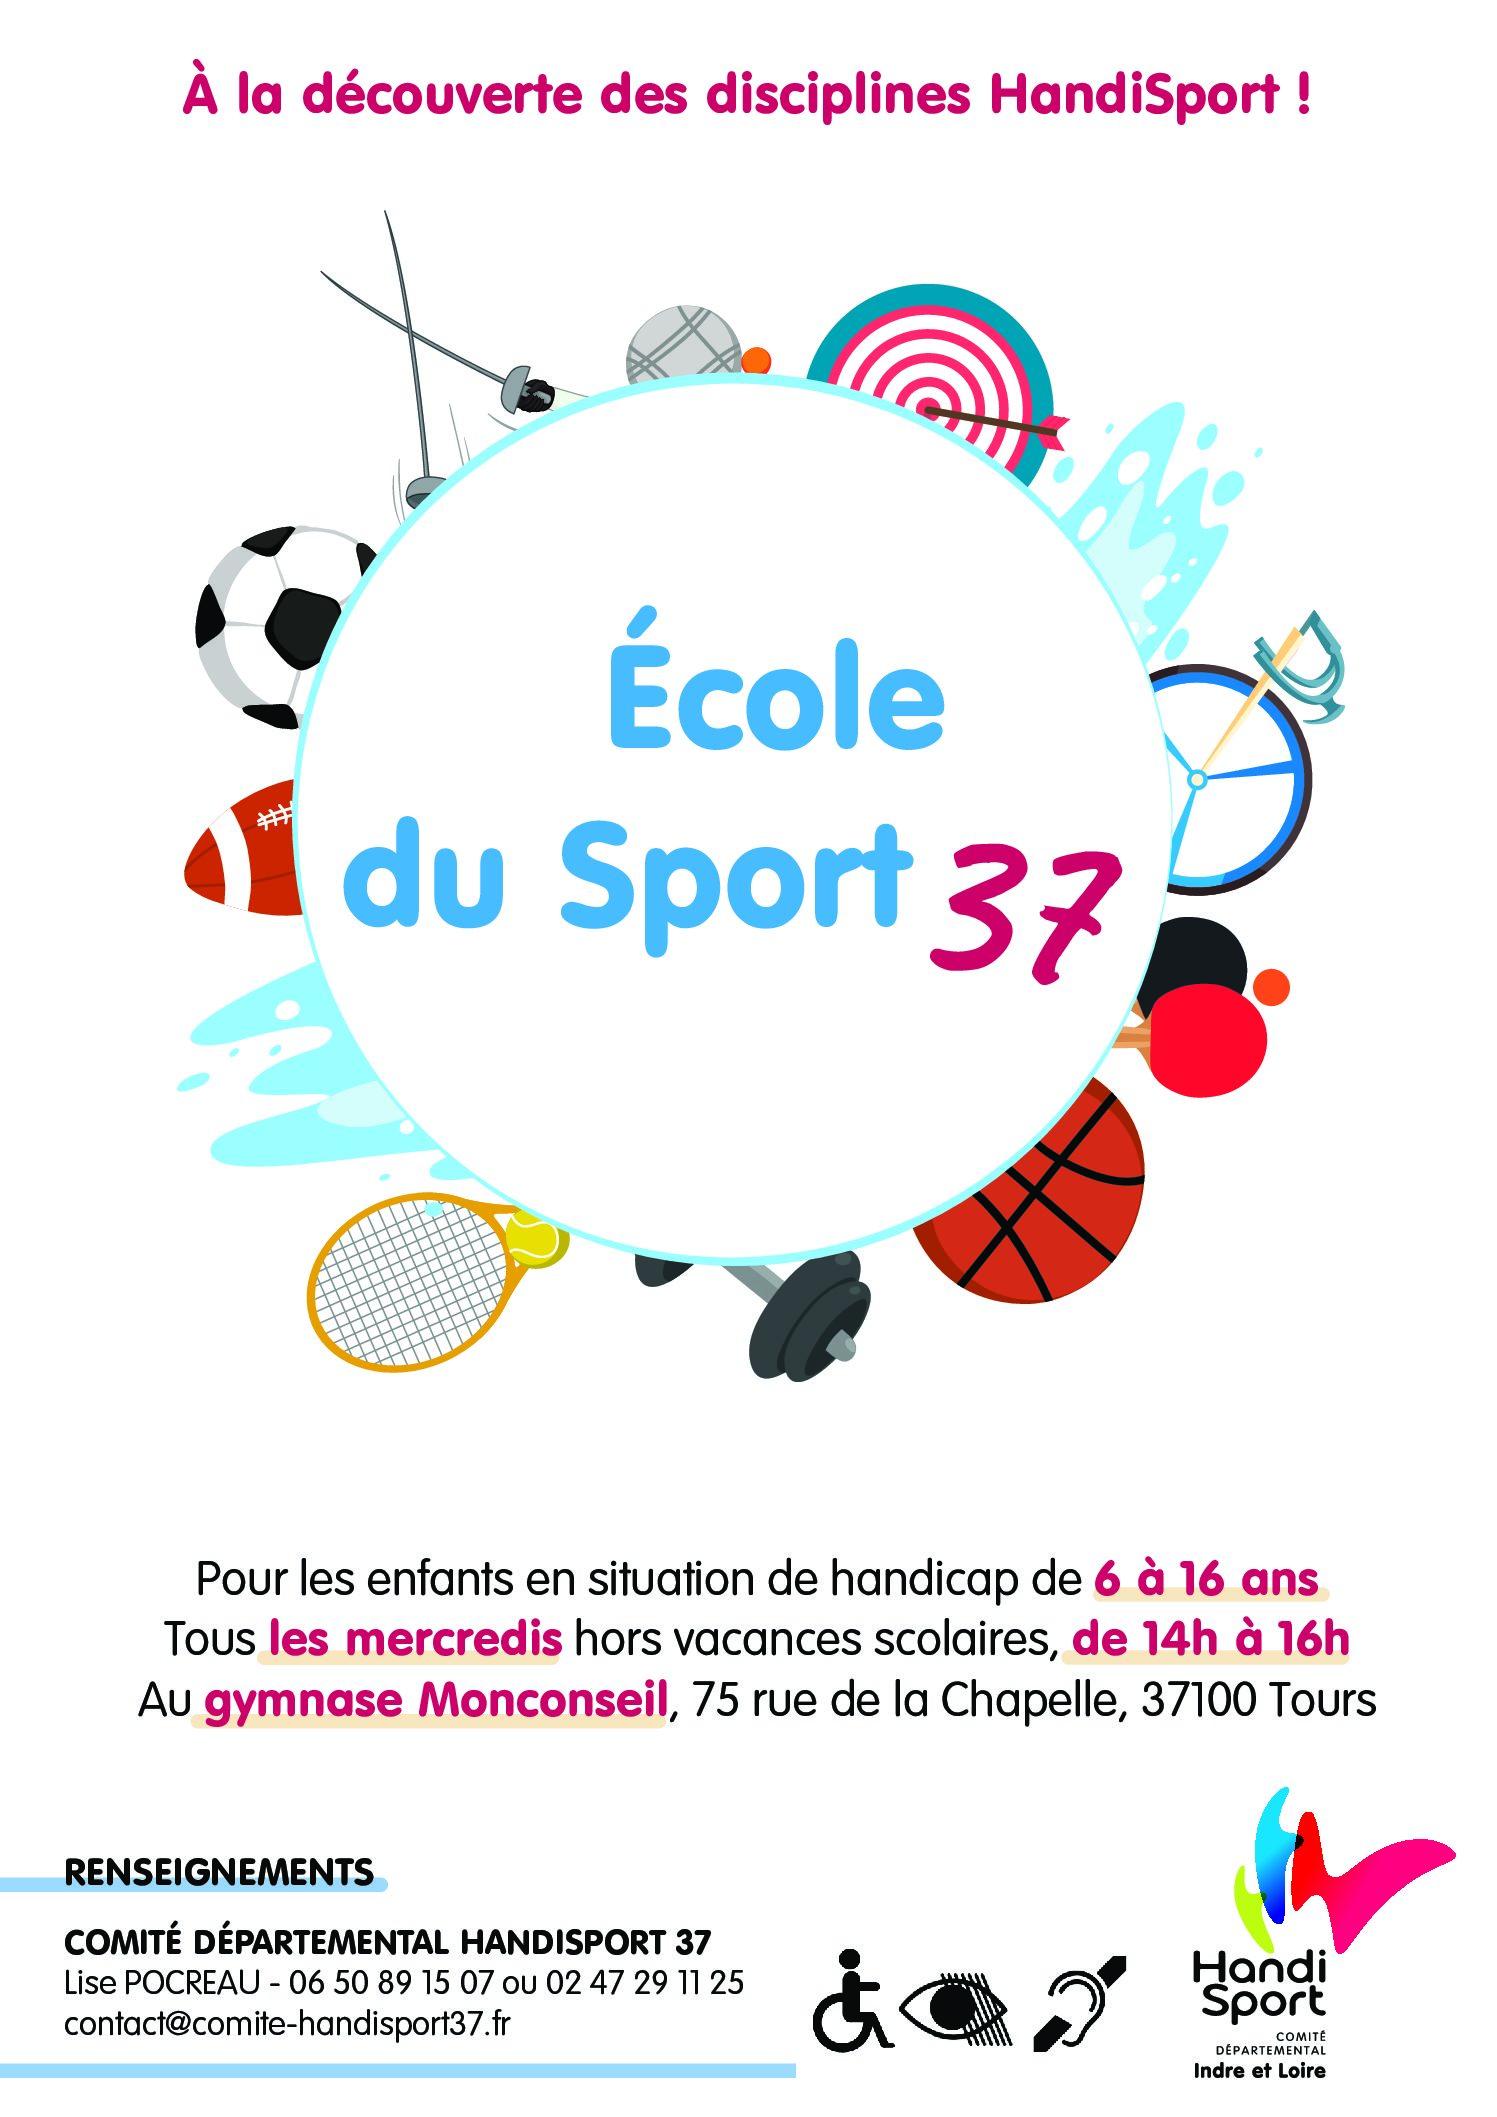 ECOLE DU SPORT 37 A LA DECOUVERTE DES DISCIPLINES HANDISPORT POUR LES ENFANTS DE 6 A 16 ANS